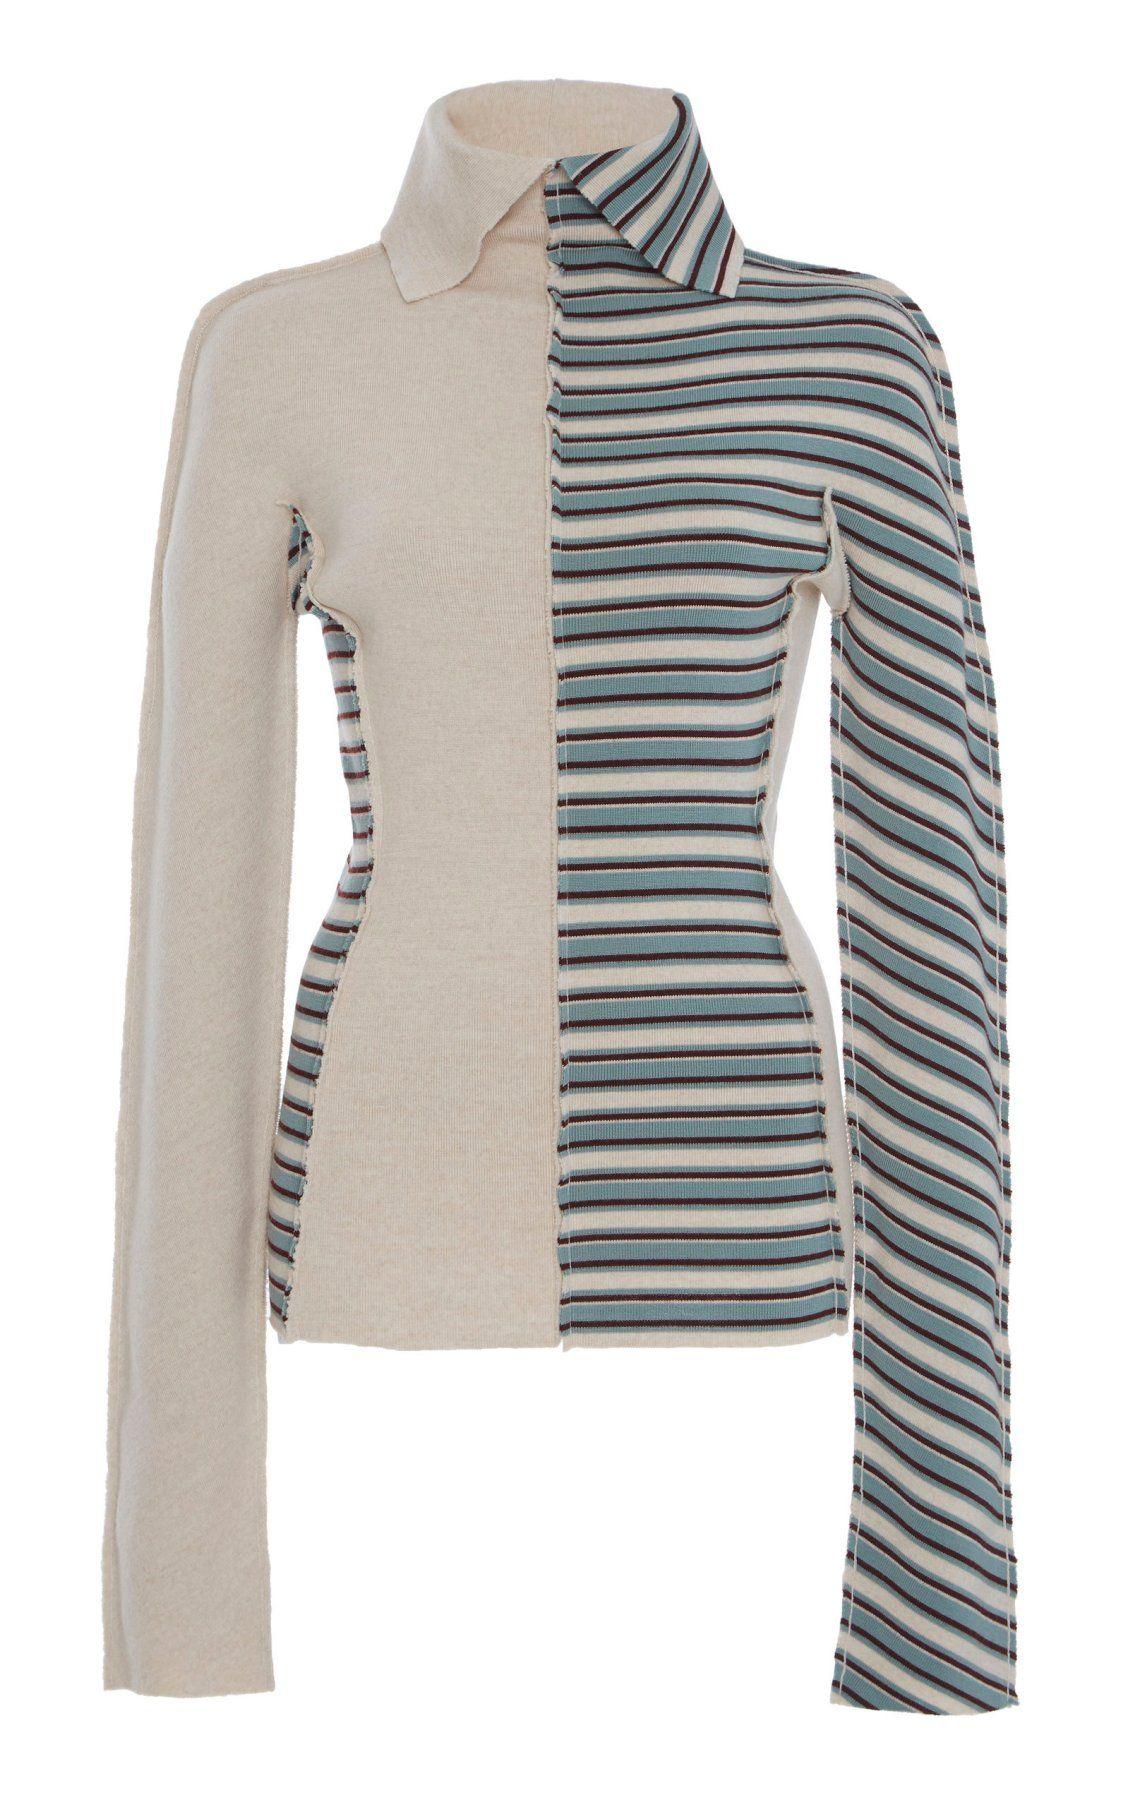 Wool Striped Sweater Sander Moda Jil Operandi By Pf19 TPaBqPAwx